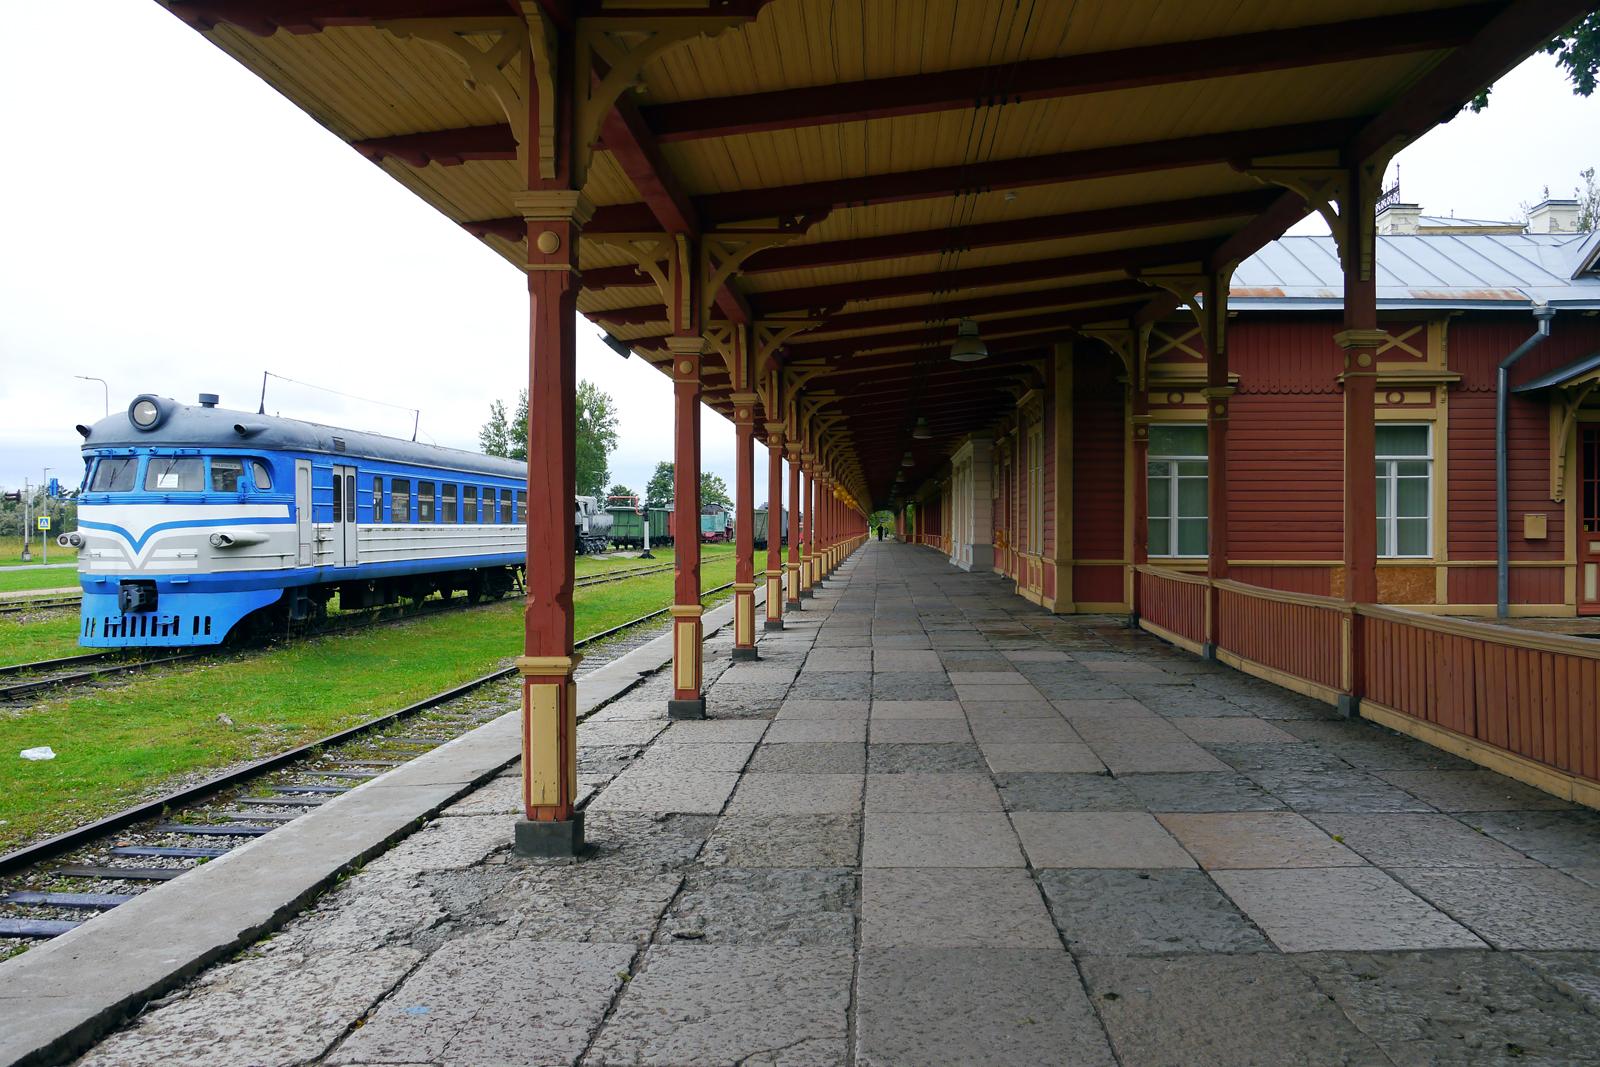 Der Bahnhof von Haapsalu, Estland.